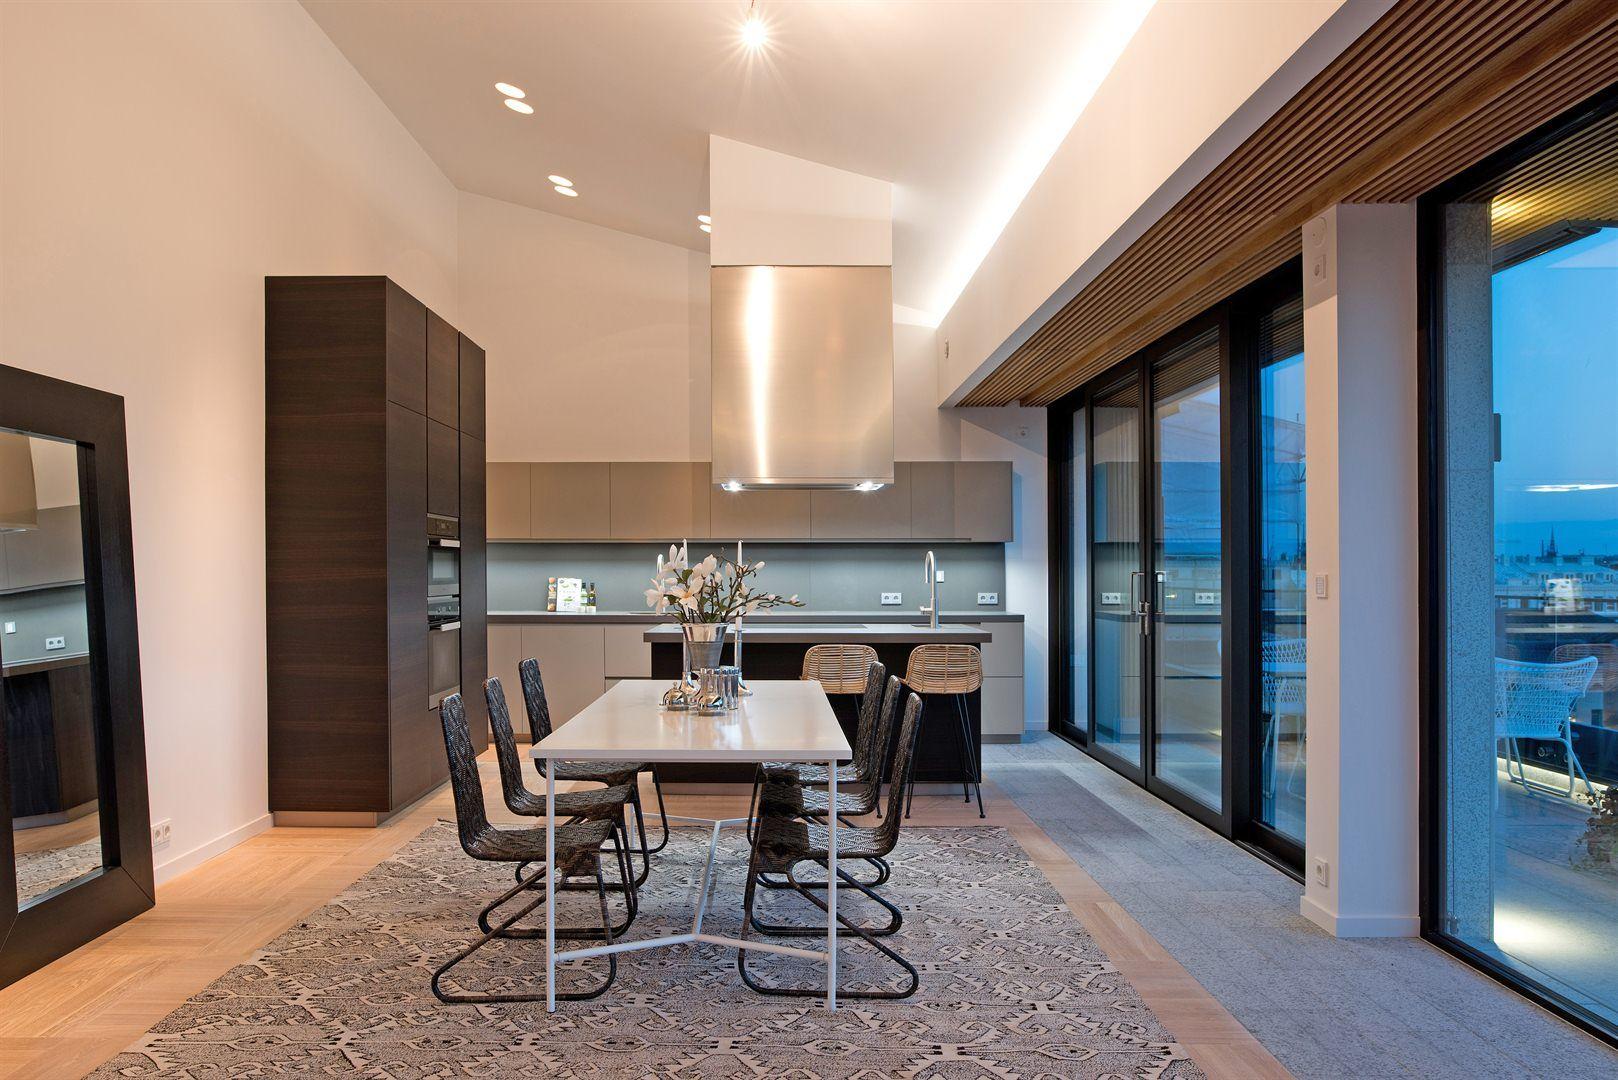 Kitchen - Penthouse med panoramavy över Stockholm - Roomly.se inredning online